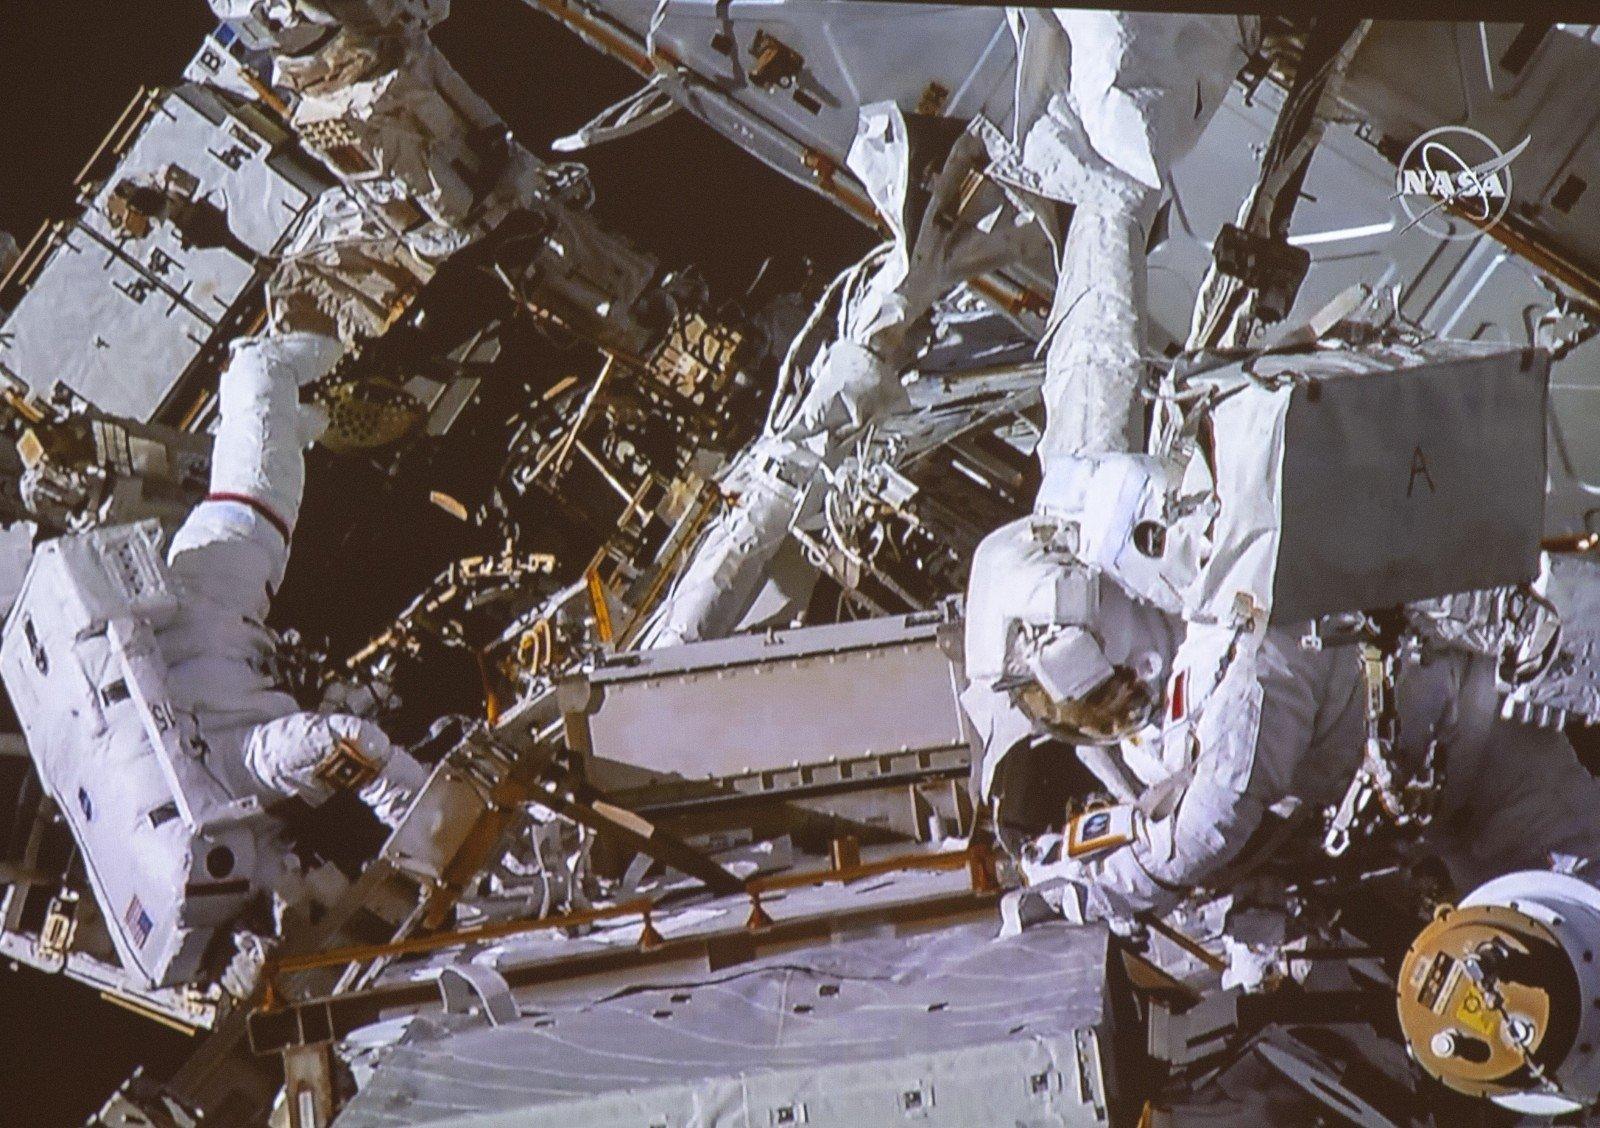 Ну и ну: NASA расследует первое в истории преступление, совершенное в космосе